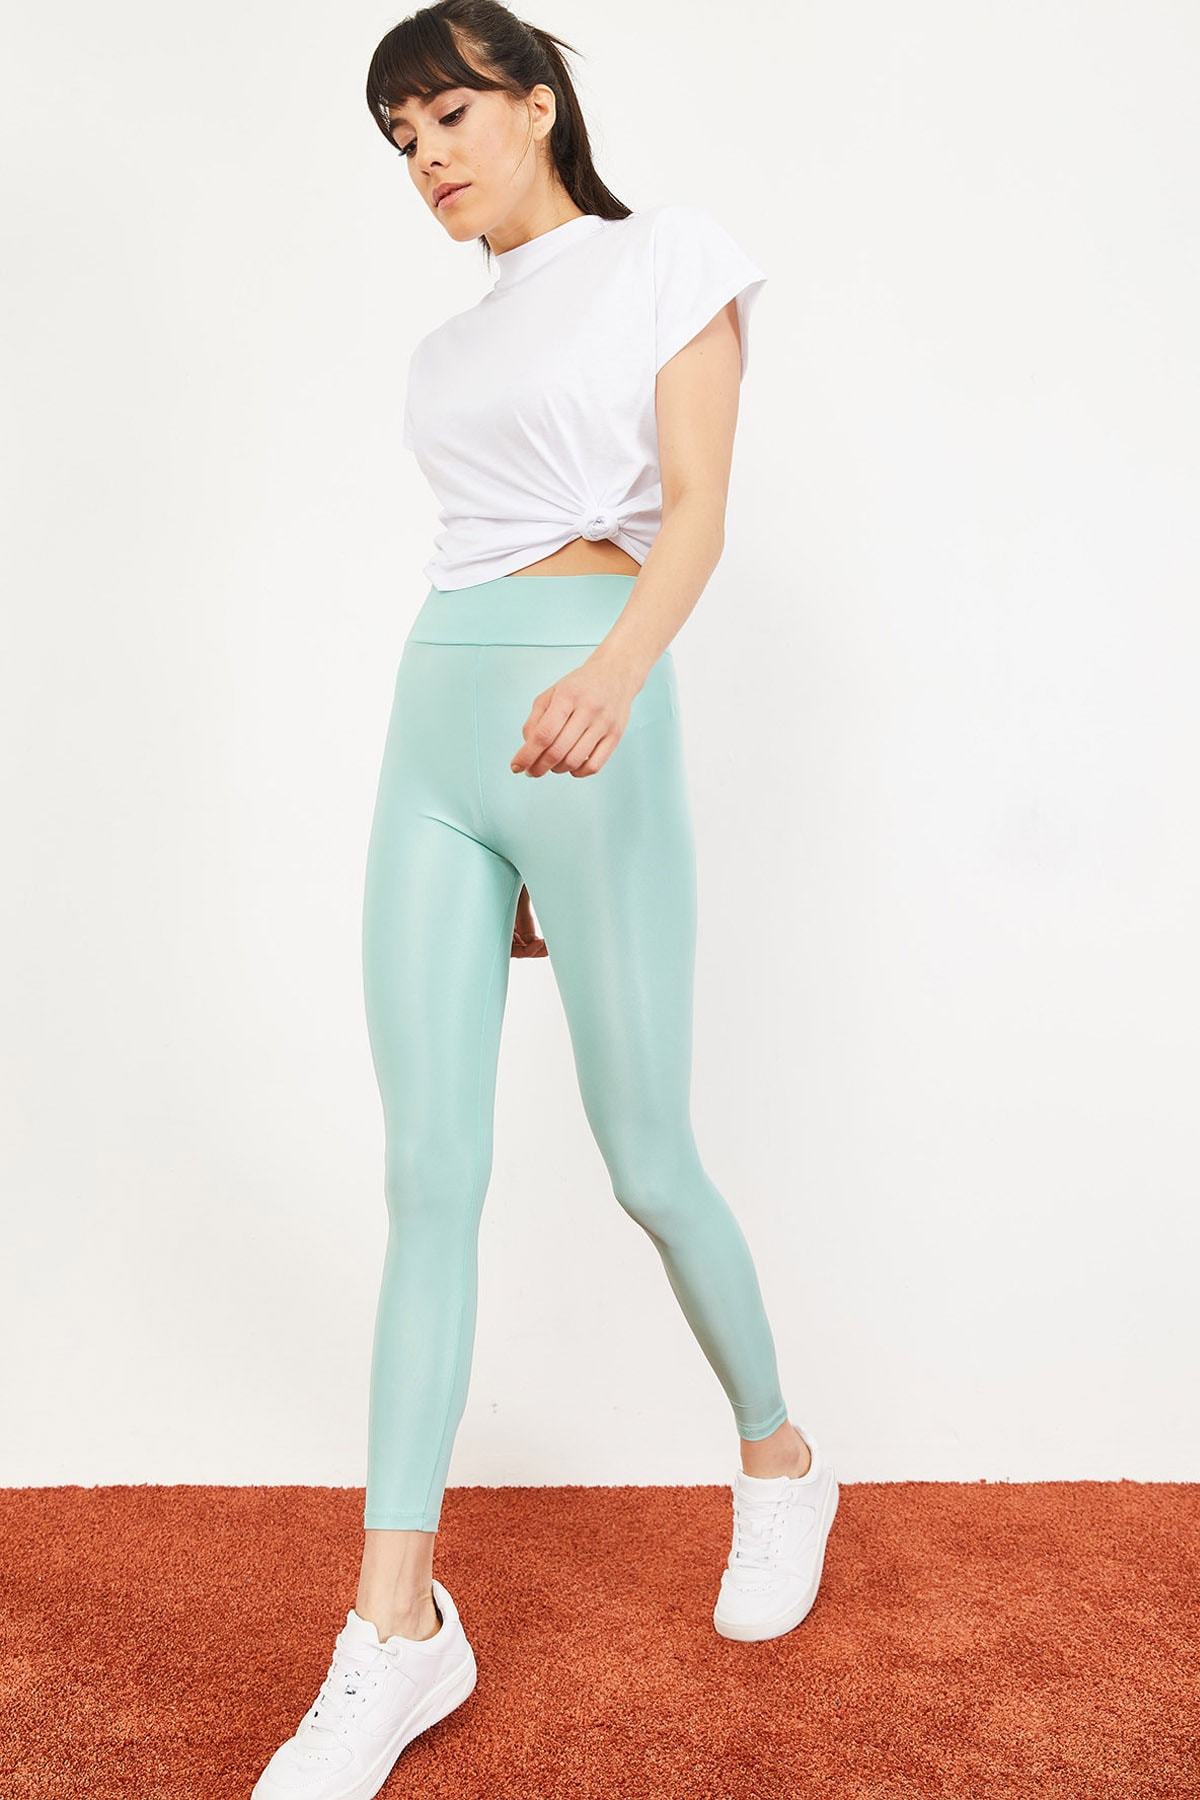 Bianco Lucci Kadın Mint Yeşili Uzun Kemerli Toparlayıcı Parlak Disko Tayt Fitness 2253399 3